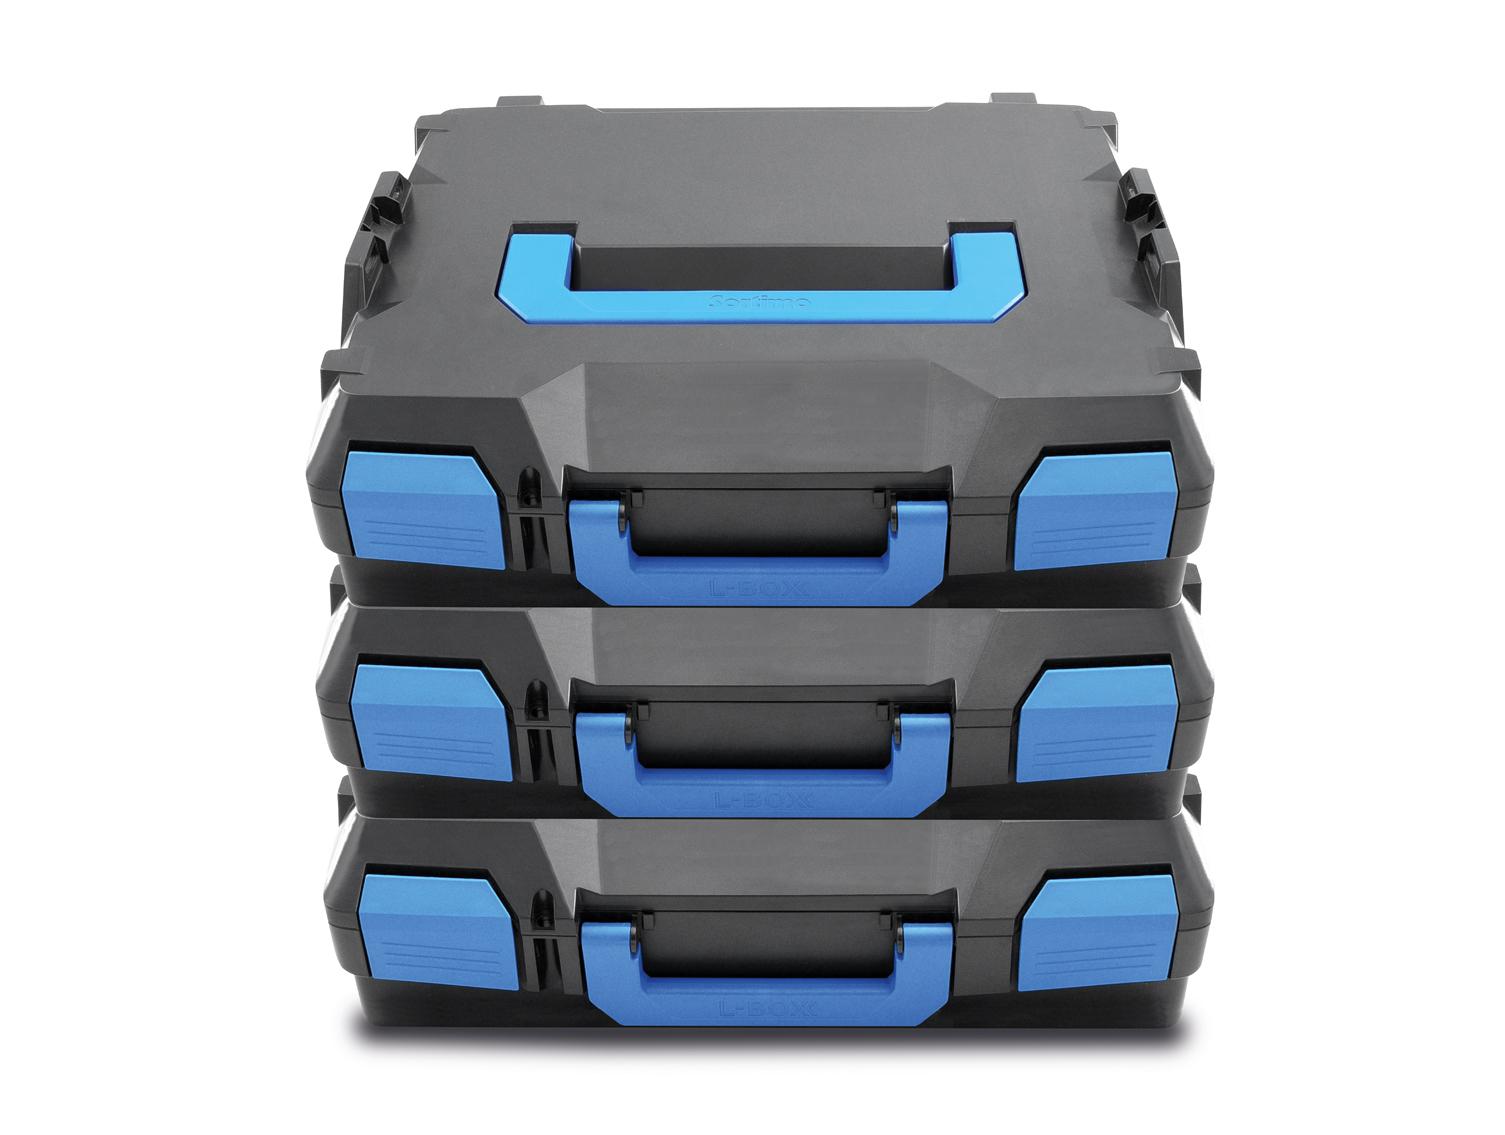 Stapelbar durch einfaches Verklicken und Trennen der Boxen.